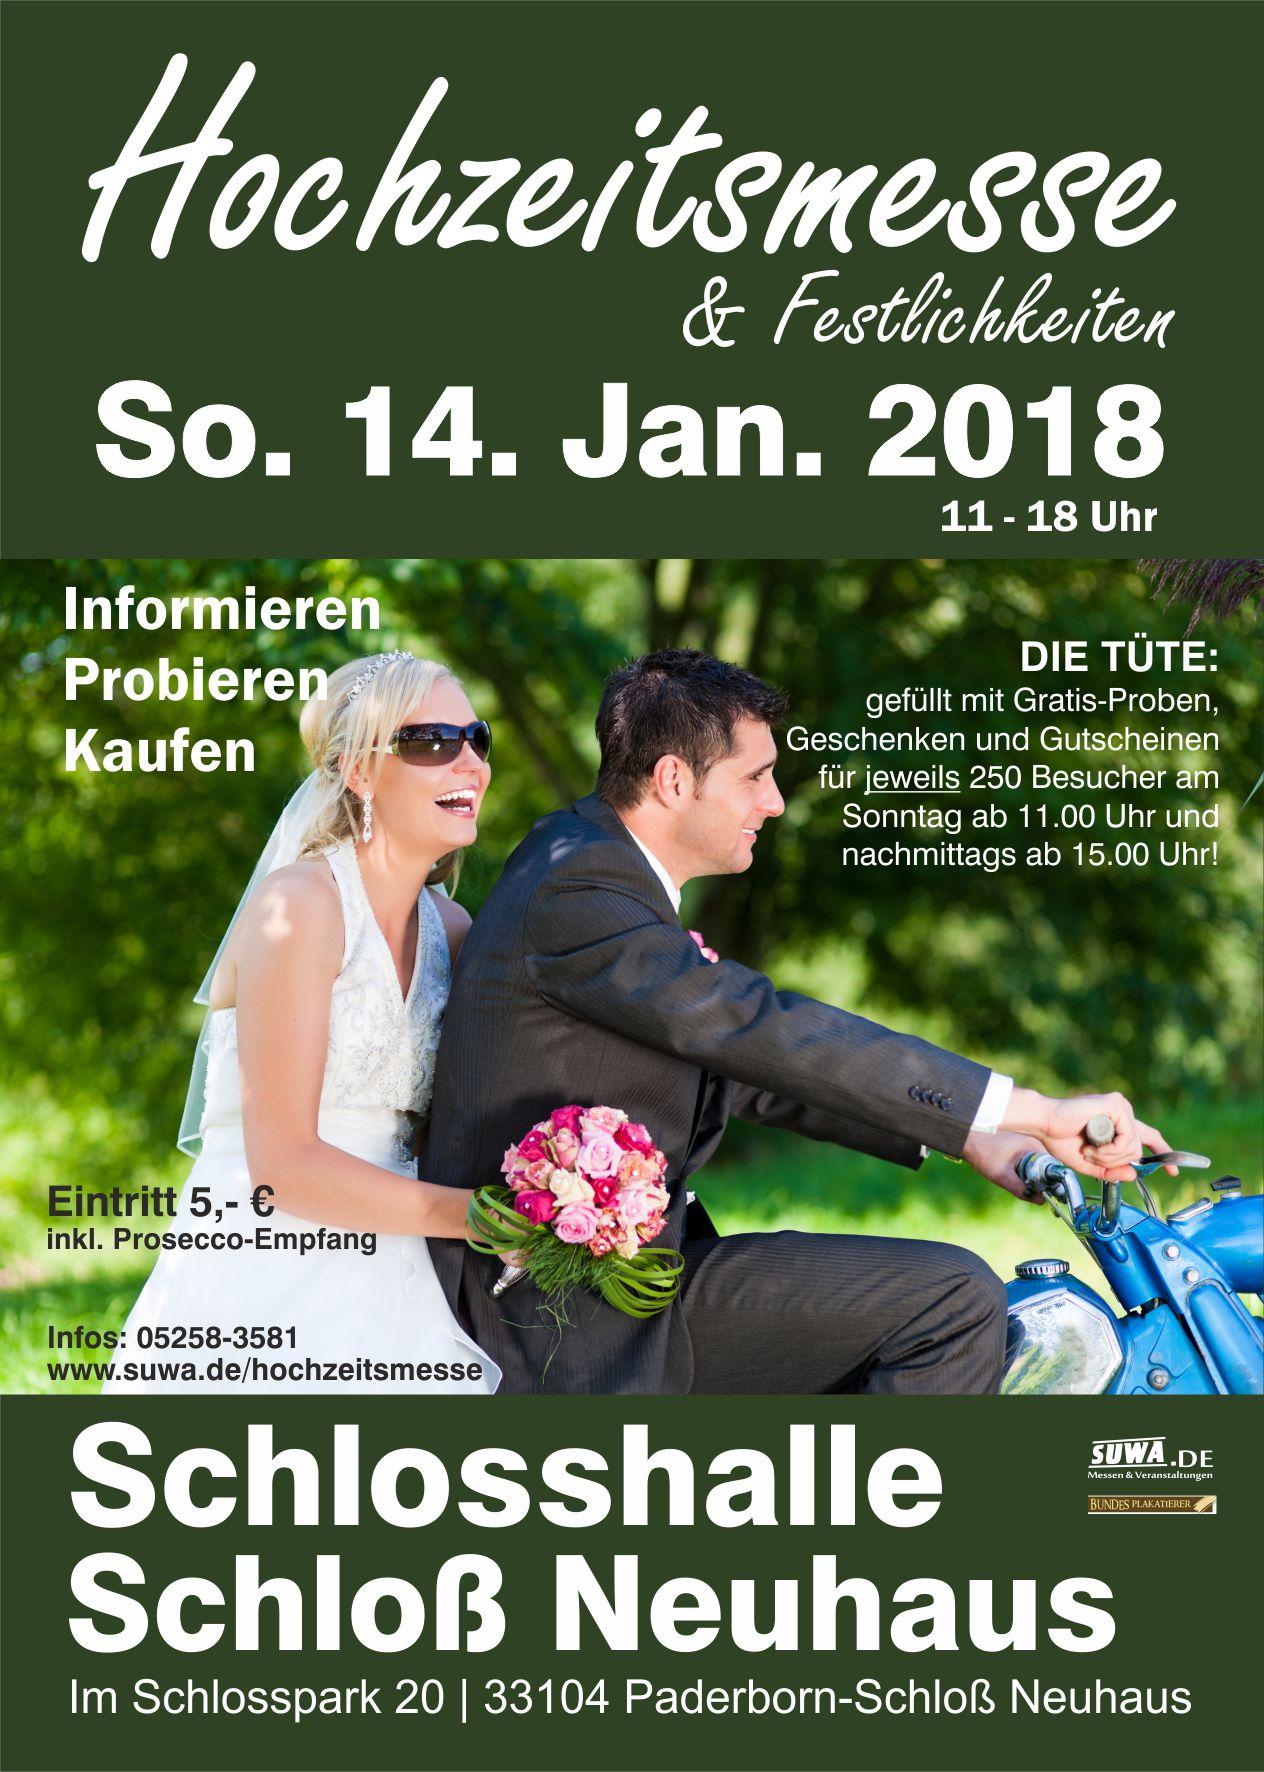 Hochzeitsmesse Schloßhalle  Schloß Neuhaus Hochzeitsservice Paderborn Claudia Drößler  Weddingplanerin & Dekorateurin  Hochzeitsdekoration, Brautstrauß